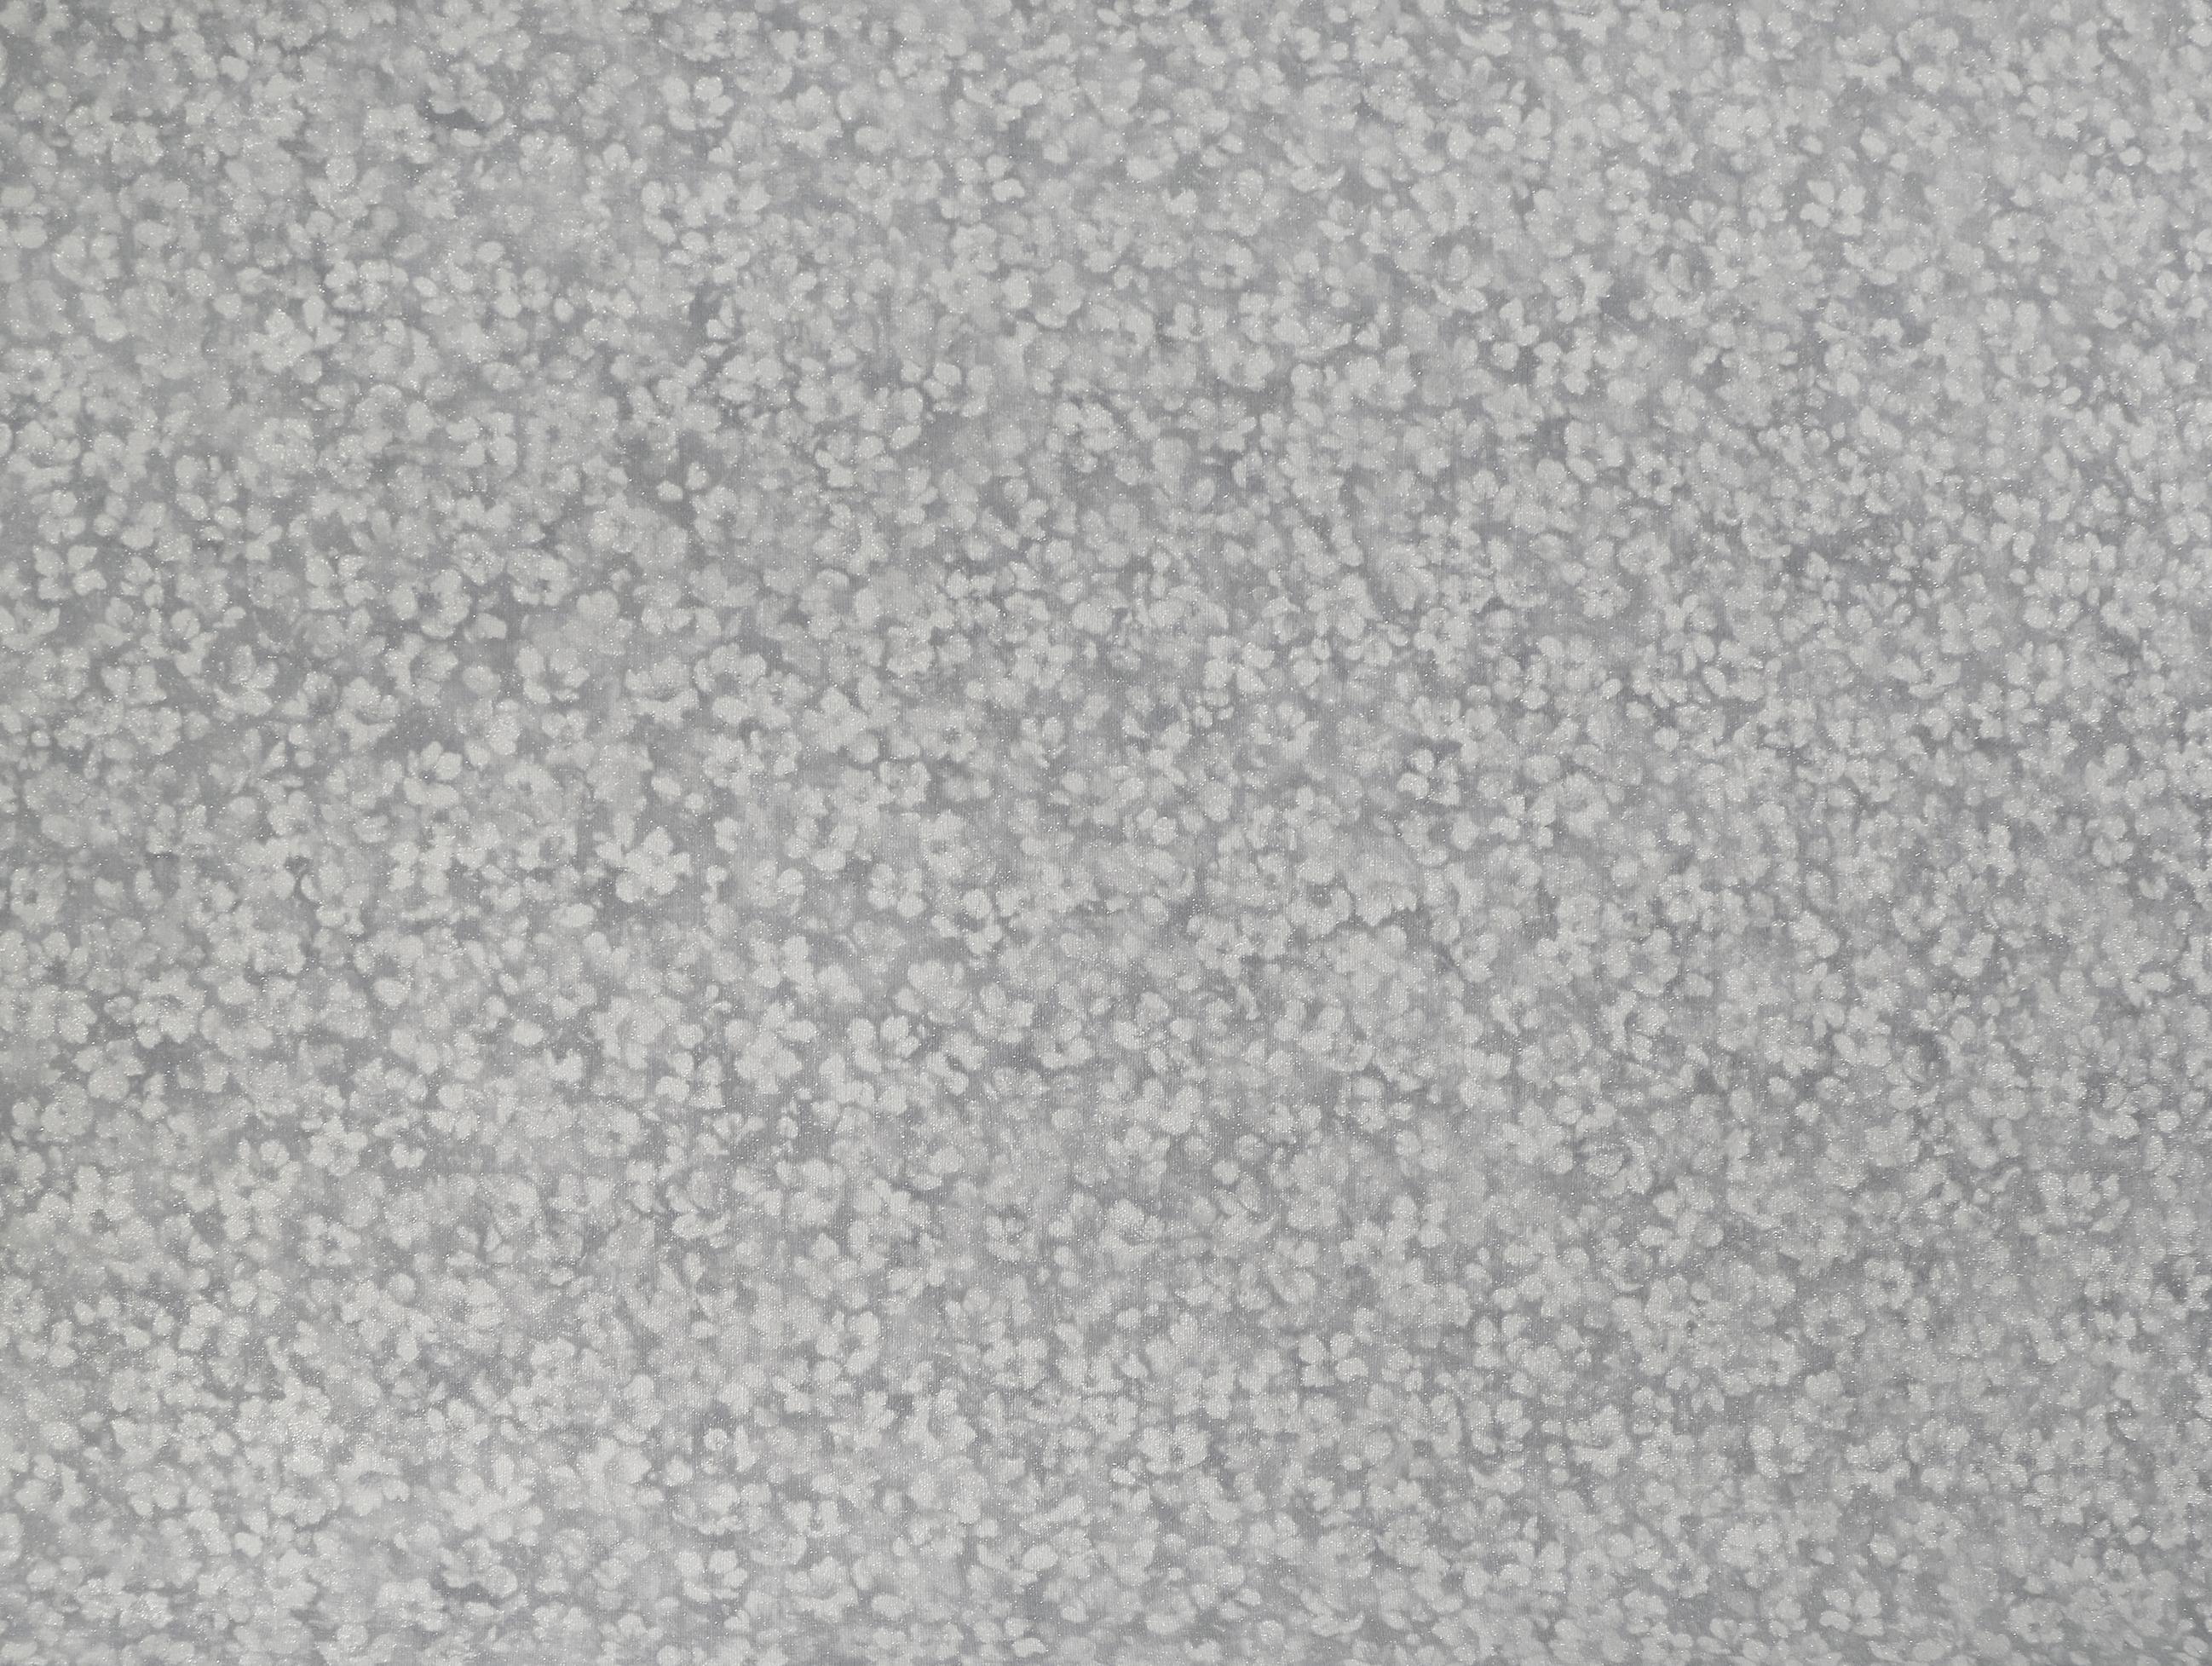 18401  Обои 1,06*10 м горч.тисн Бьянка(декор св.сер)